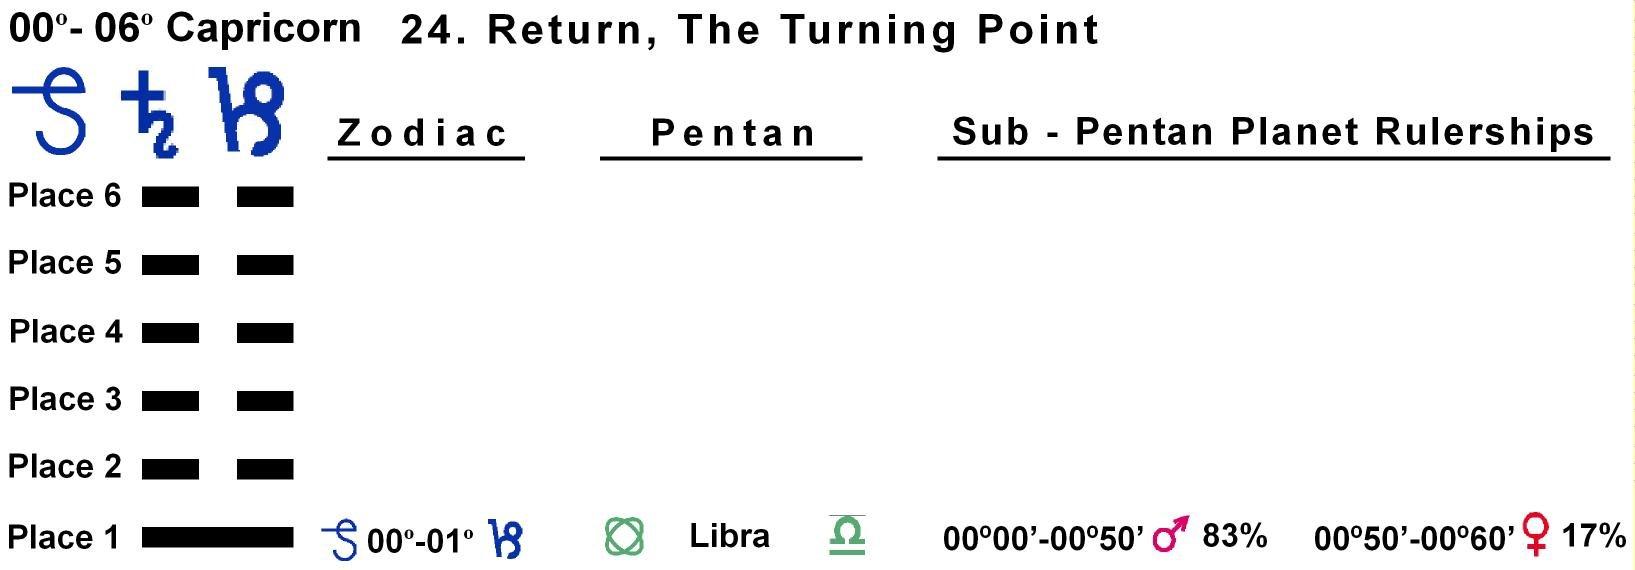 Pentan-lines-10CP 00-01 Hx-24 Return